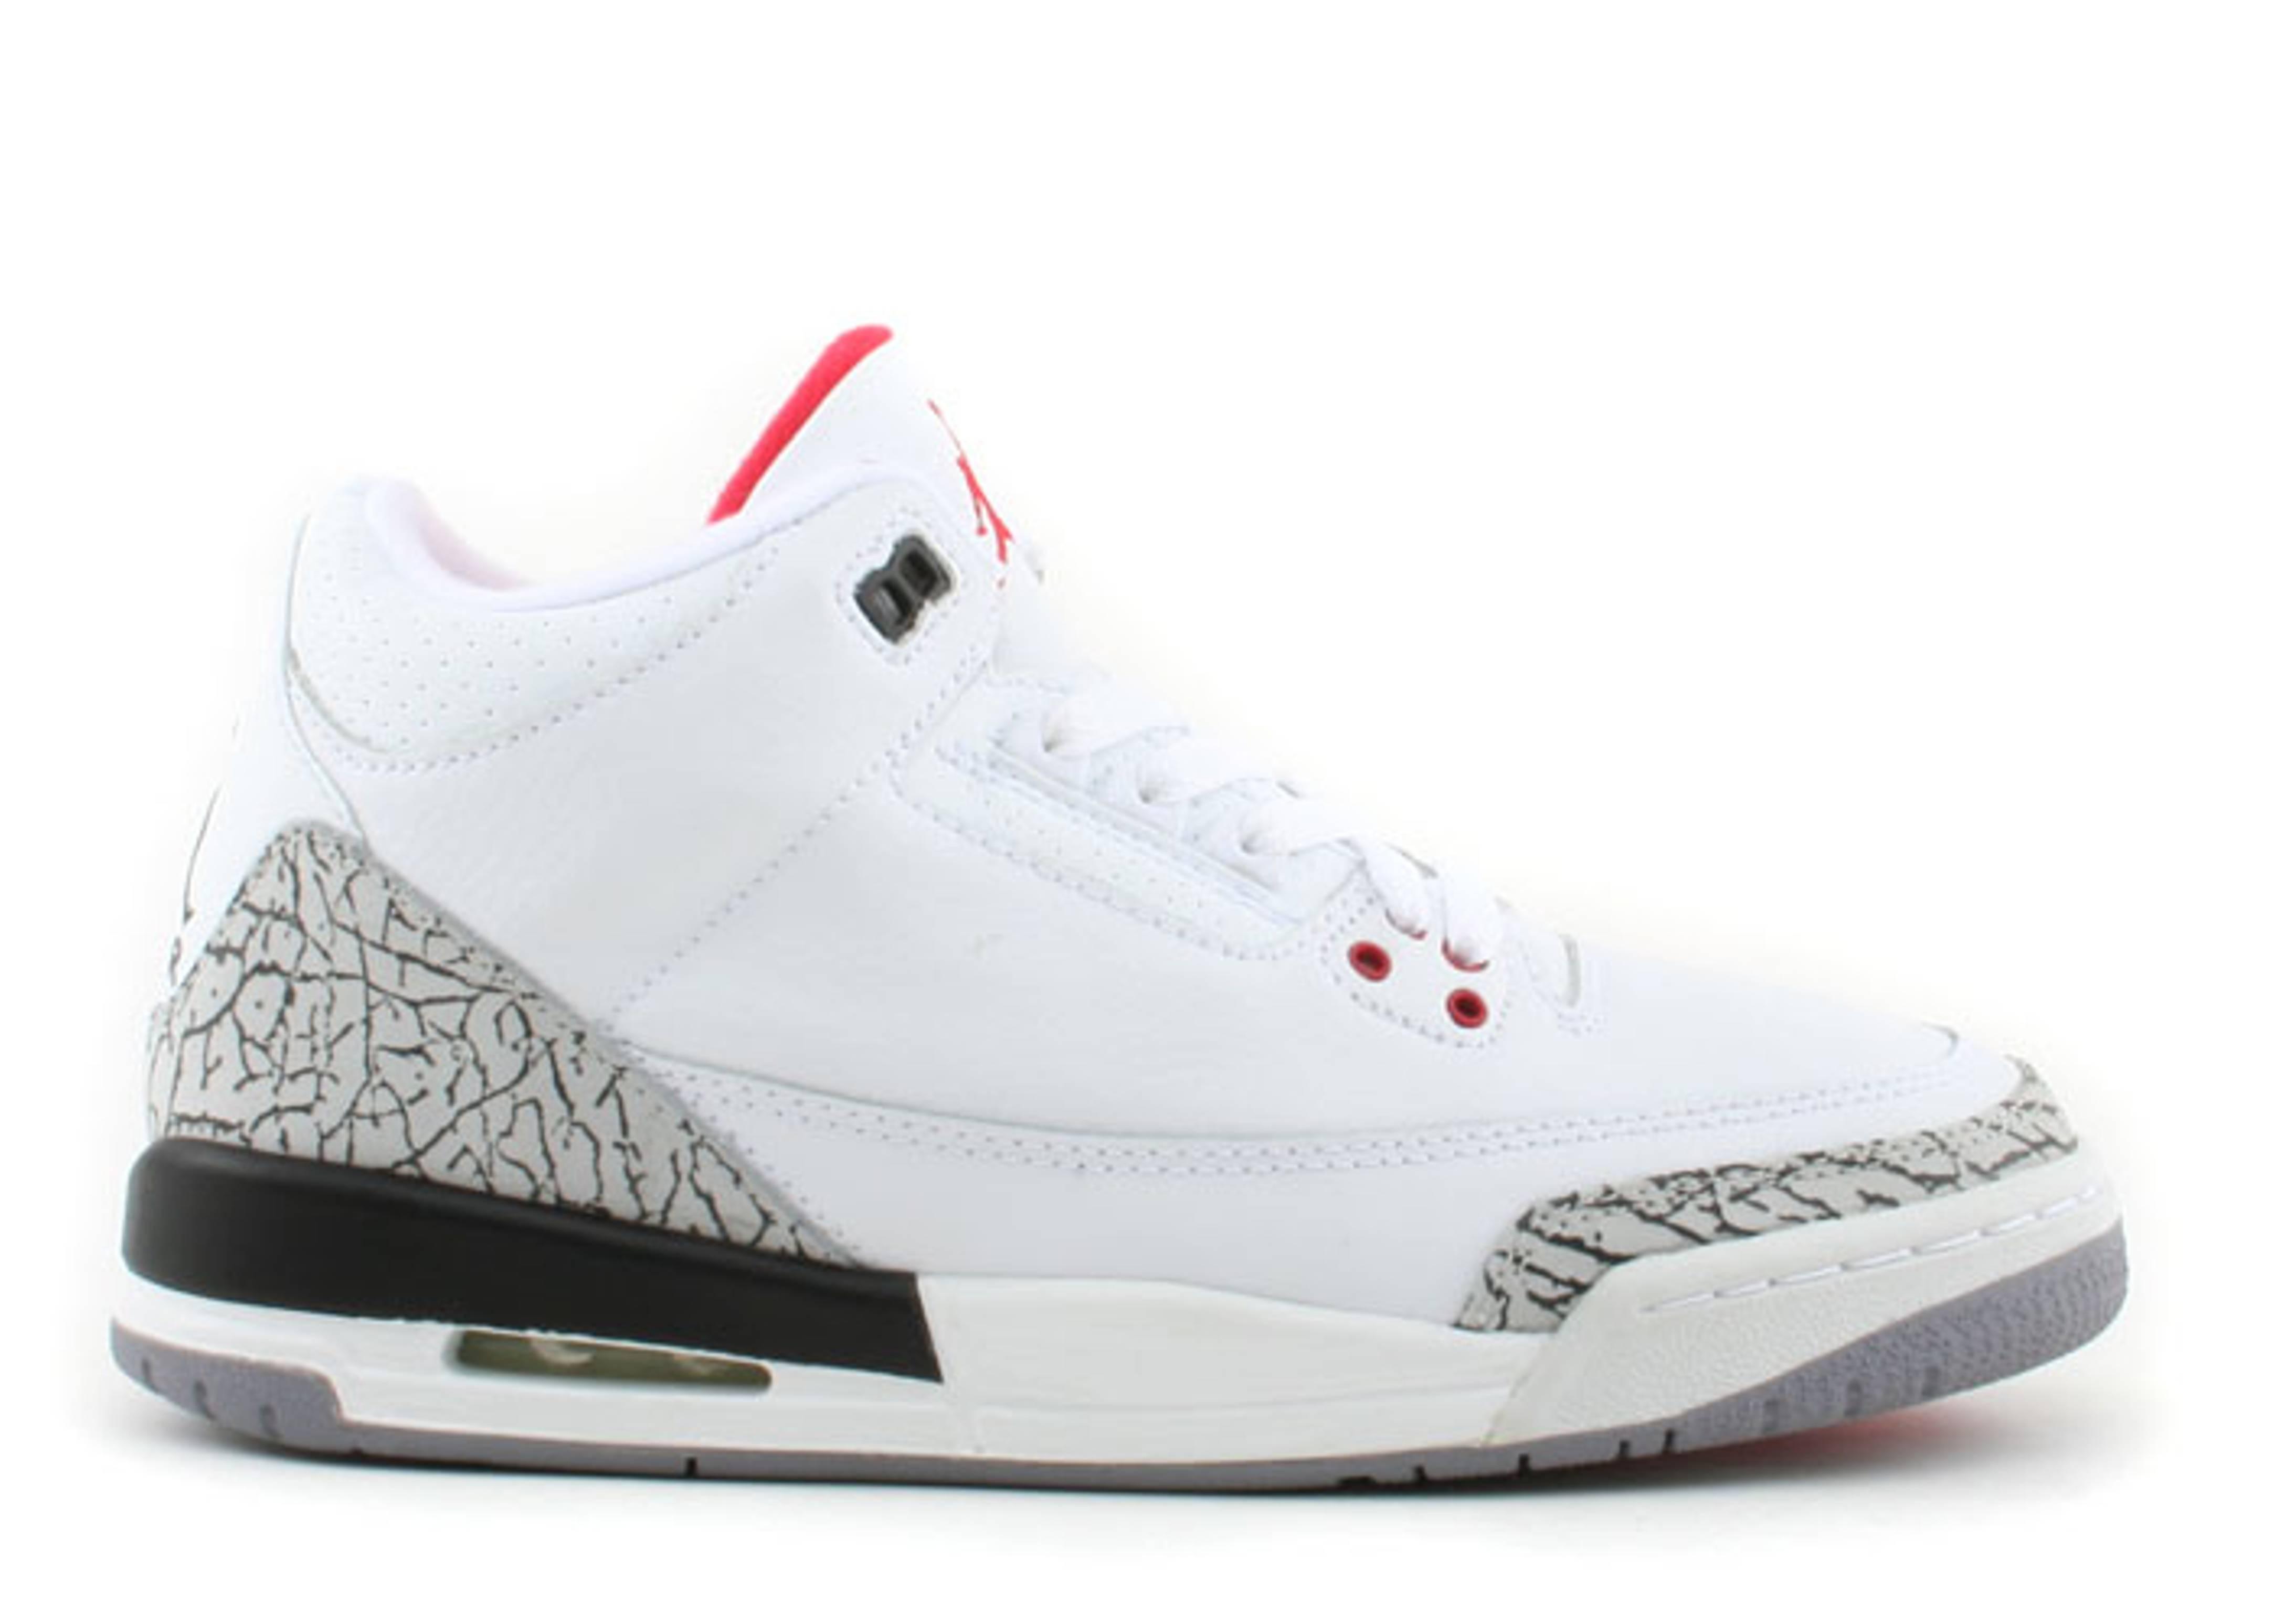 Air Jordan 3 Gs De Ciment Blanc